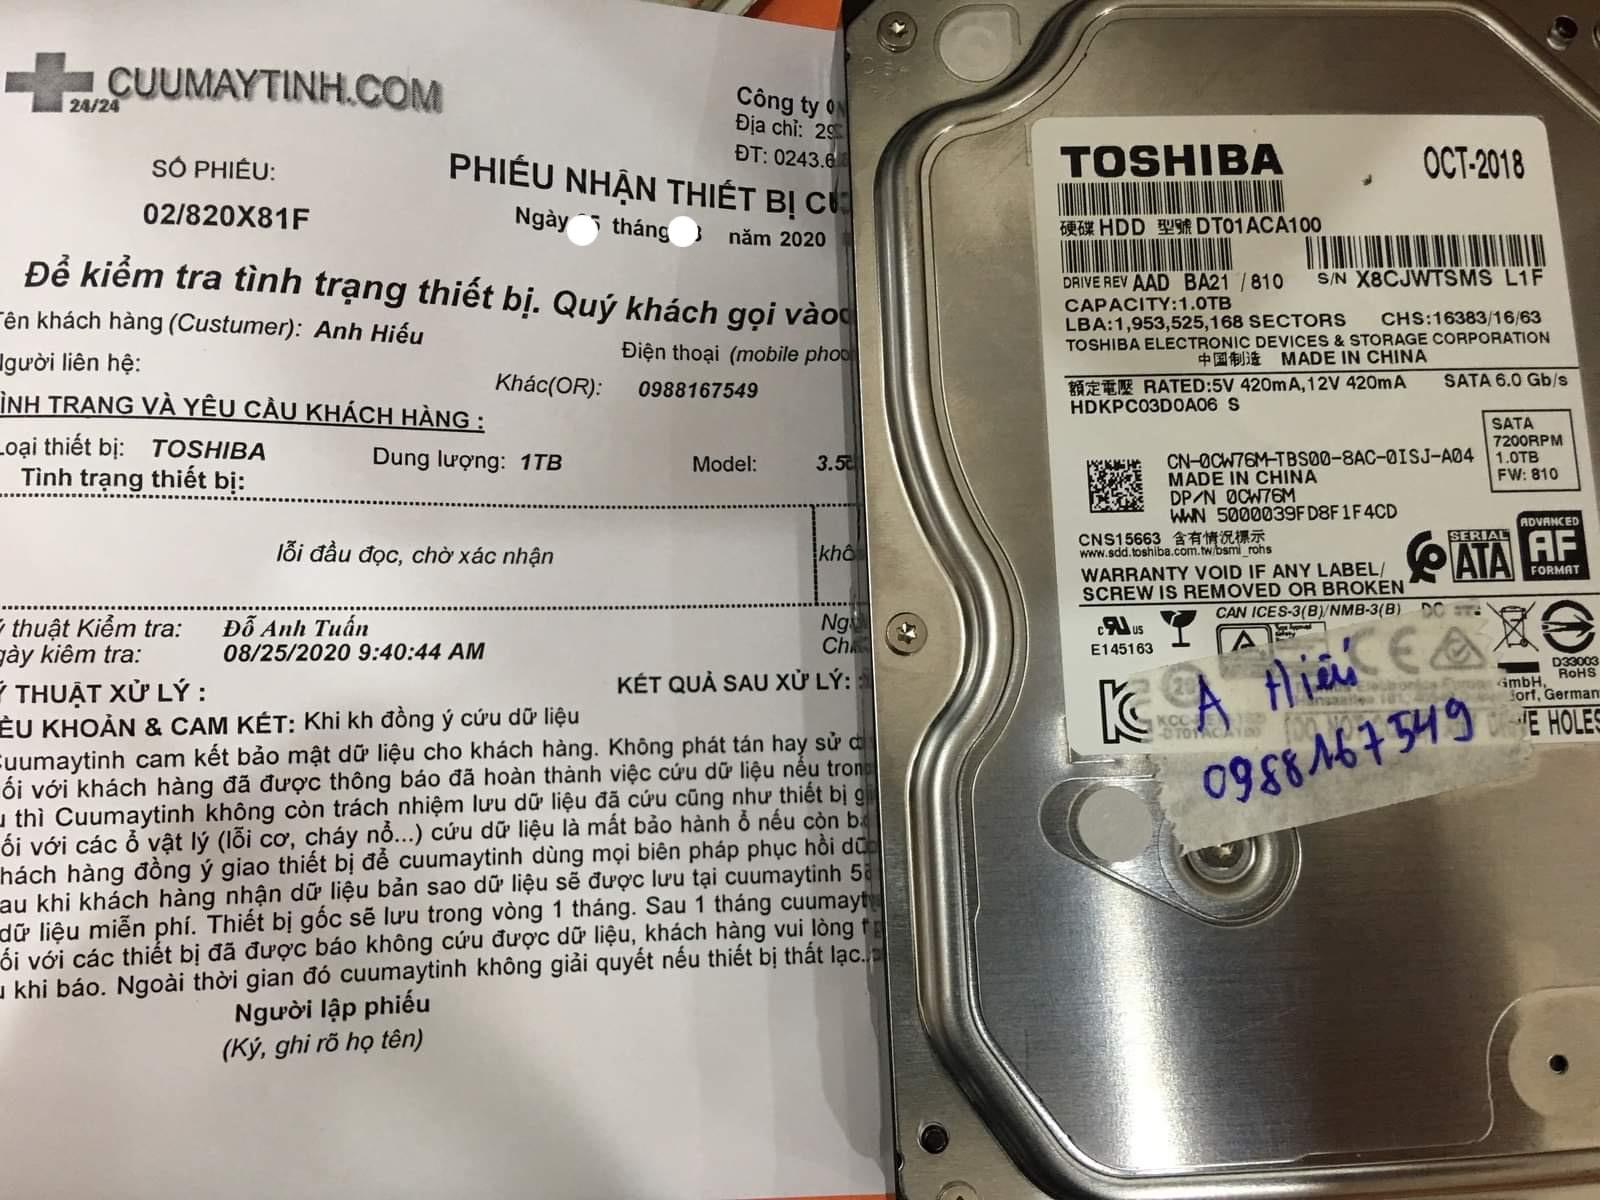 Lấy dữ liệu ổ cứng Toshiba 1TB lỗi đầu đọc 04/09/2020 - cuumaytinh